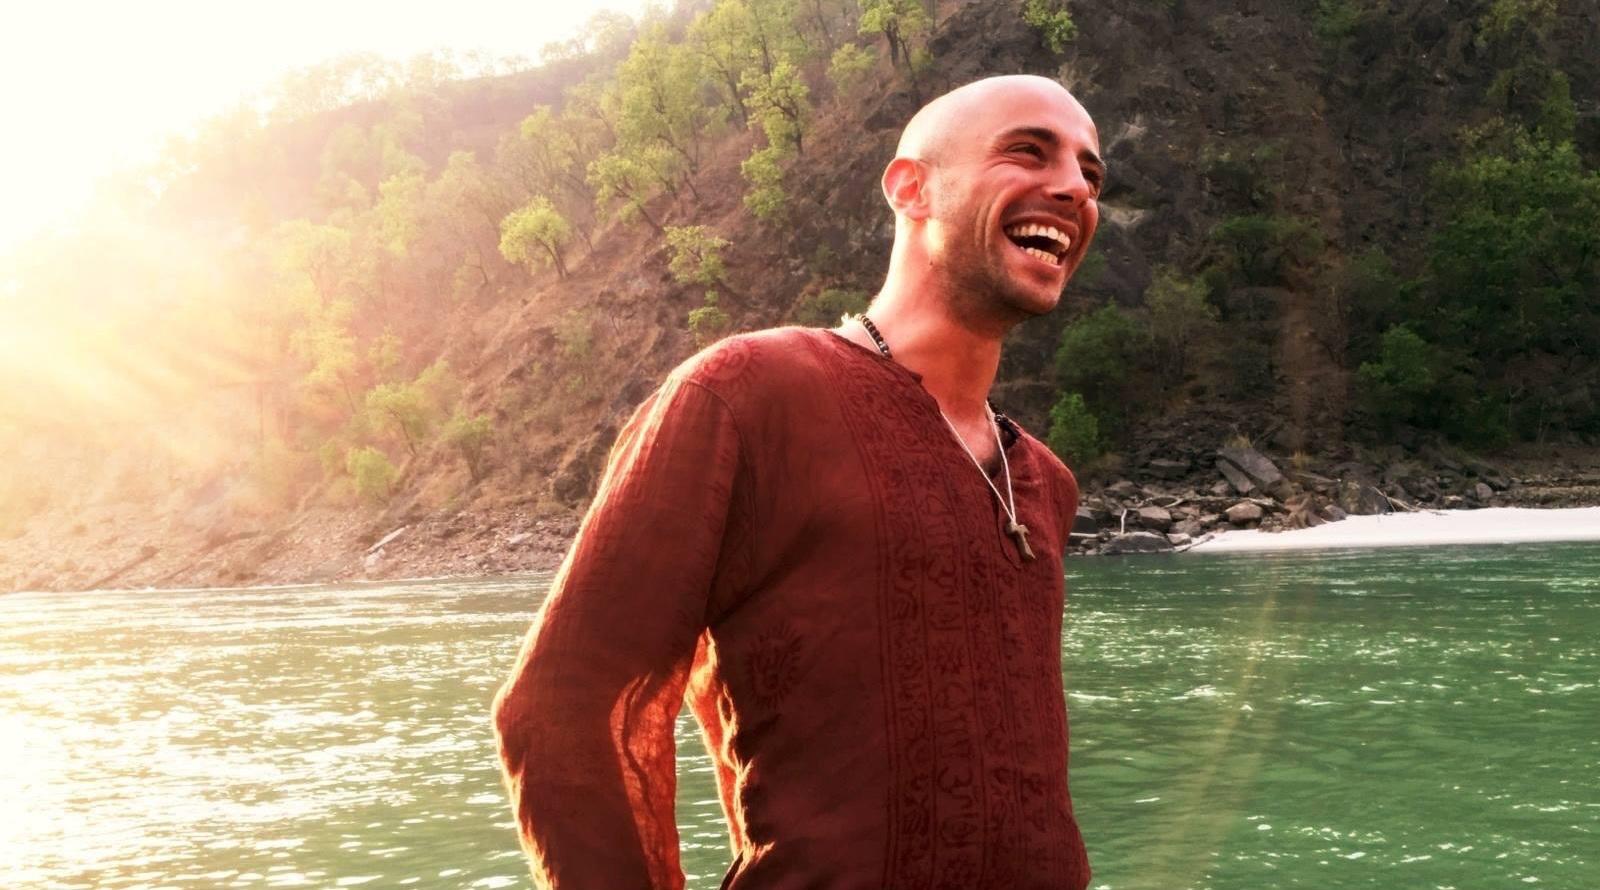 Matheus Bertoni - Sattva Yoga, Meditation, Reiki